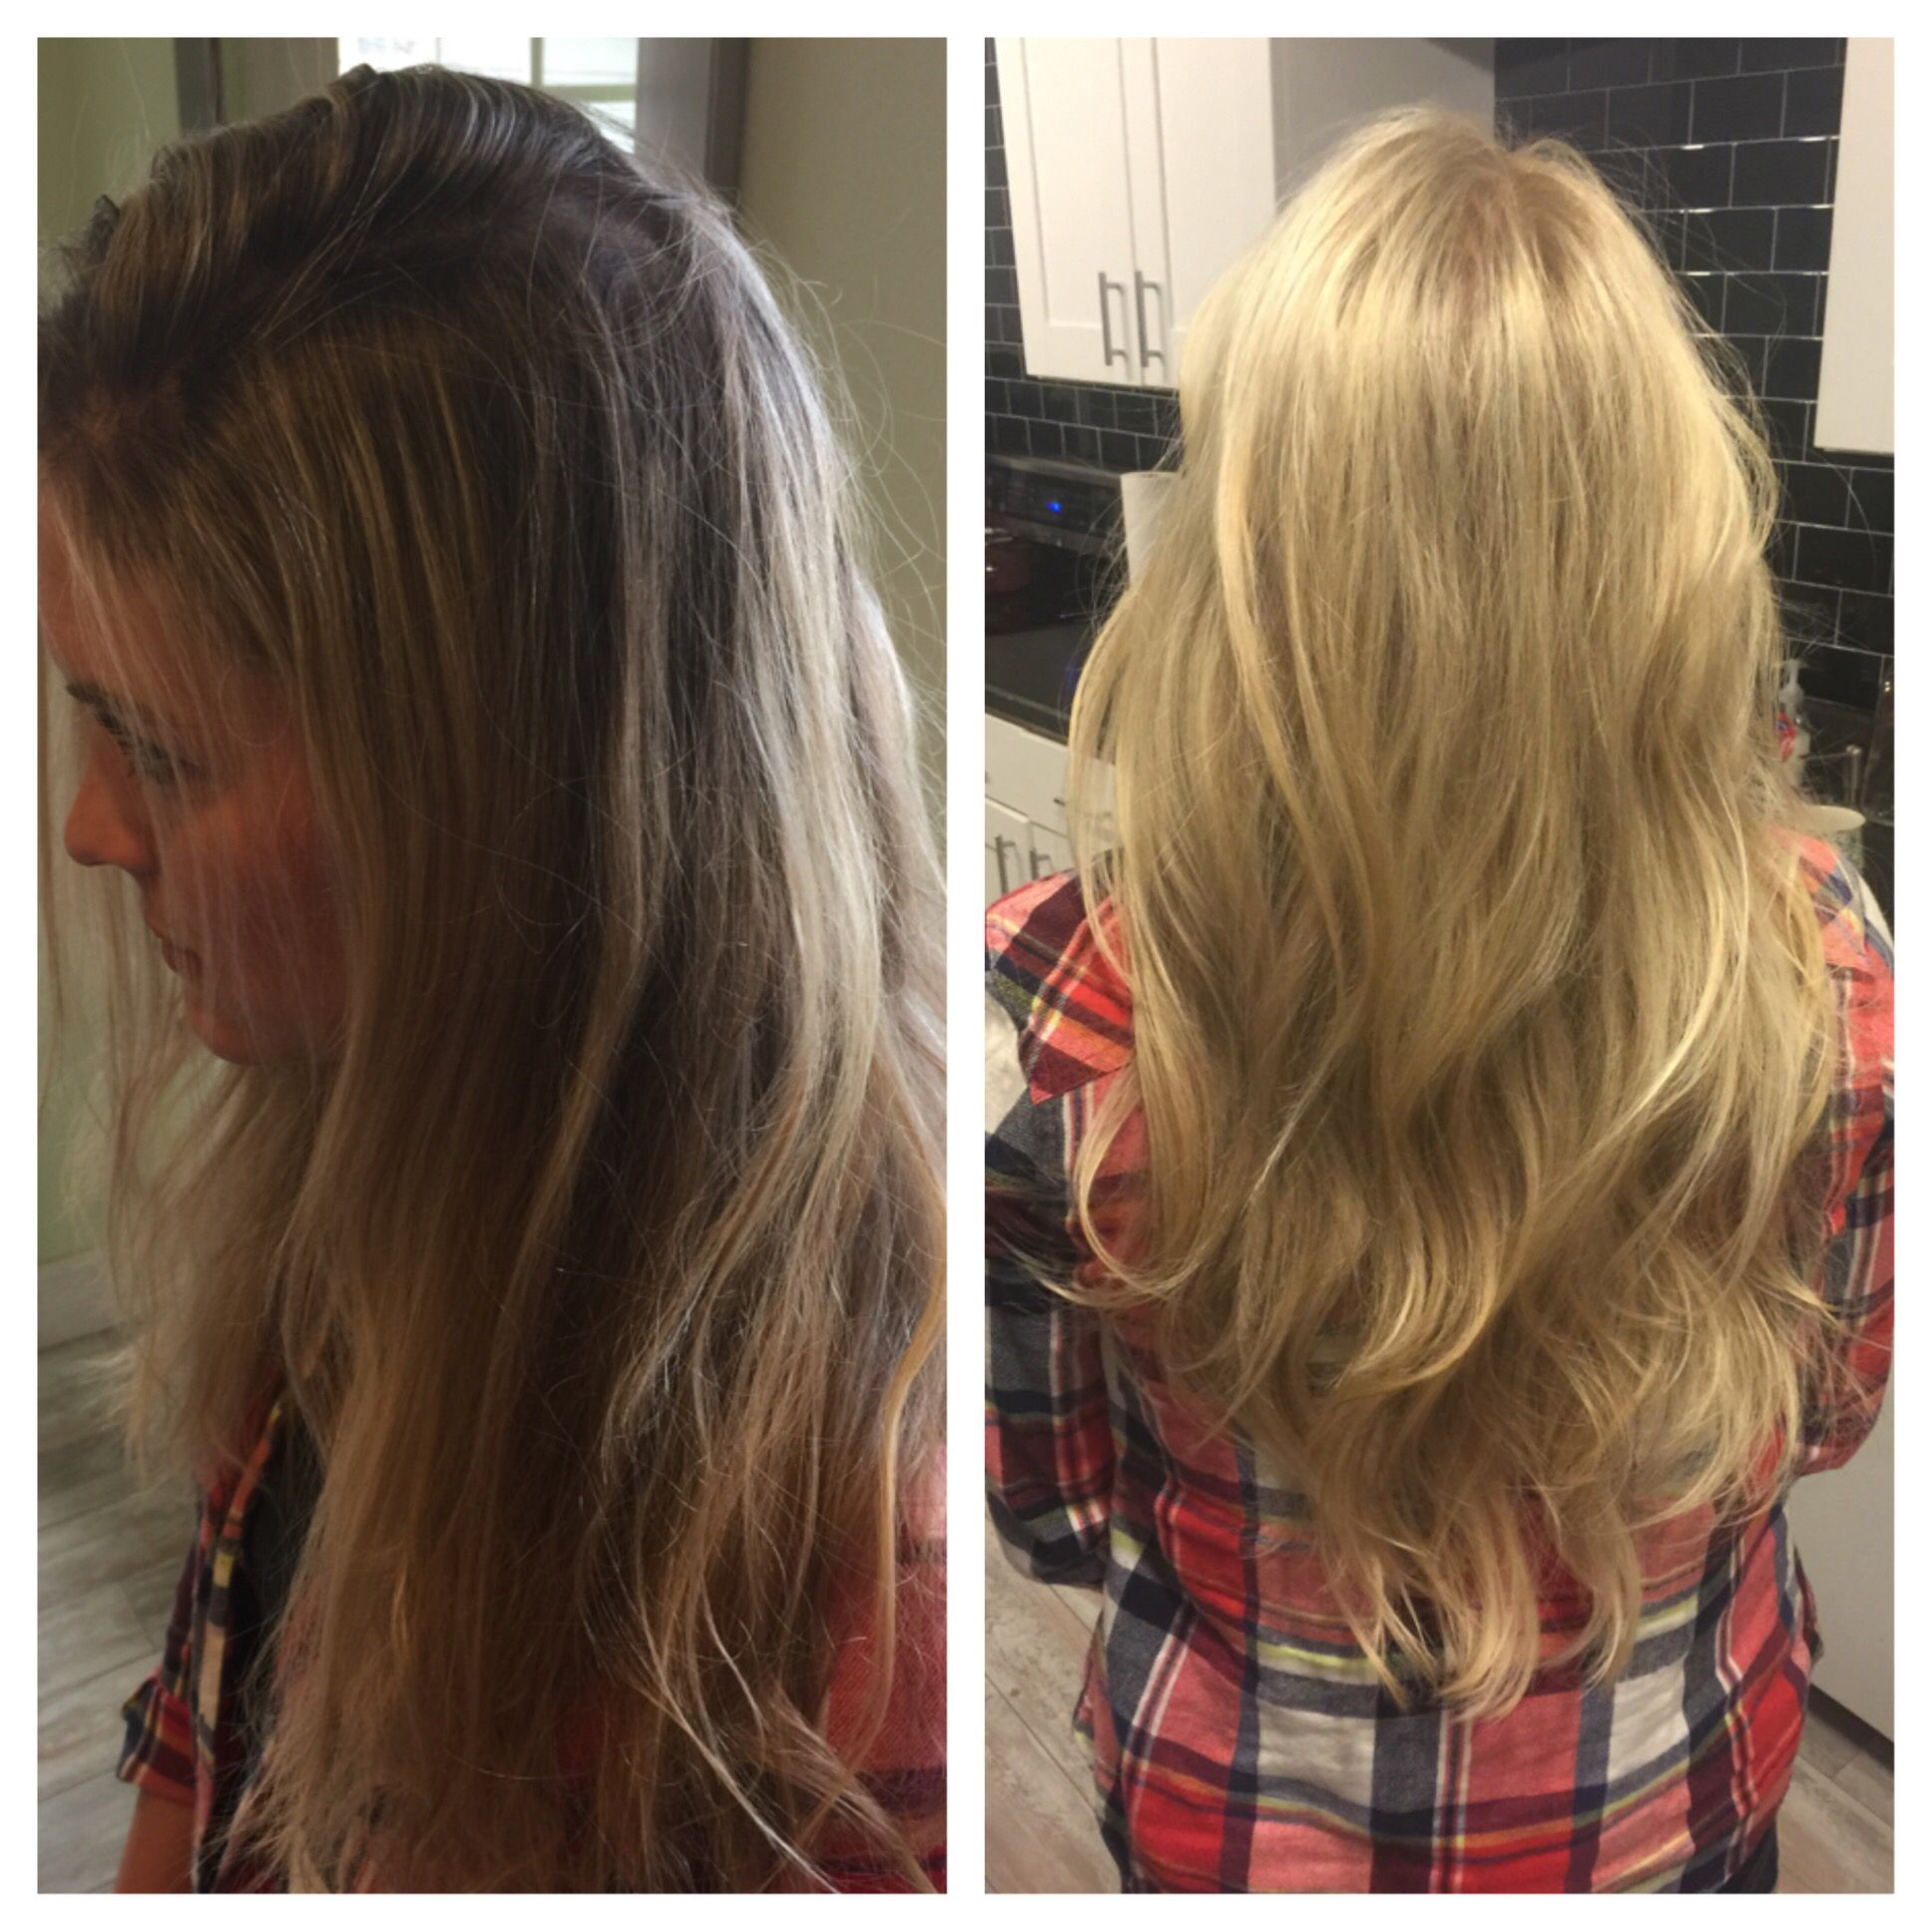 Long blonde hair #treosalon #danascarff #blondehair #longhair Follow me on IG stylist.dscarff